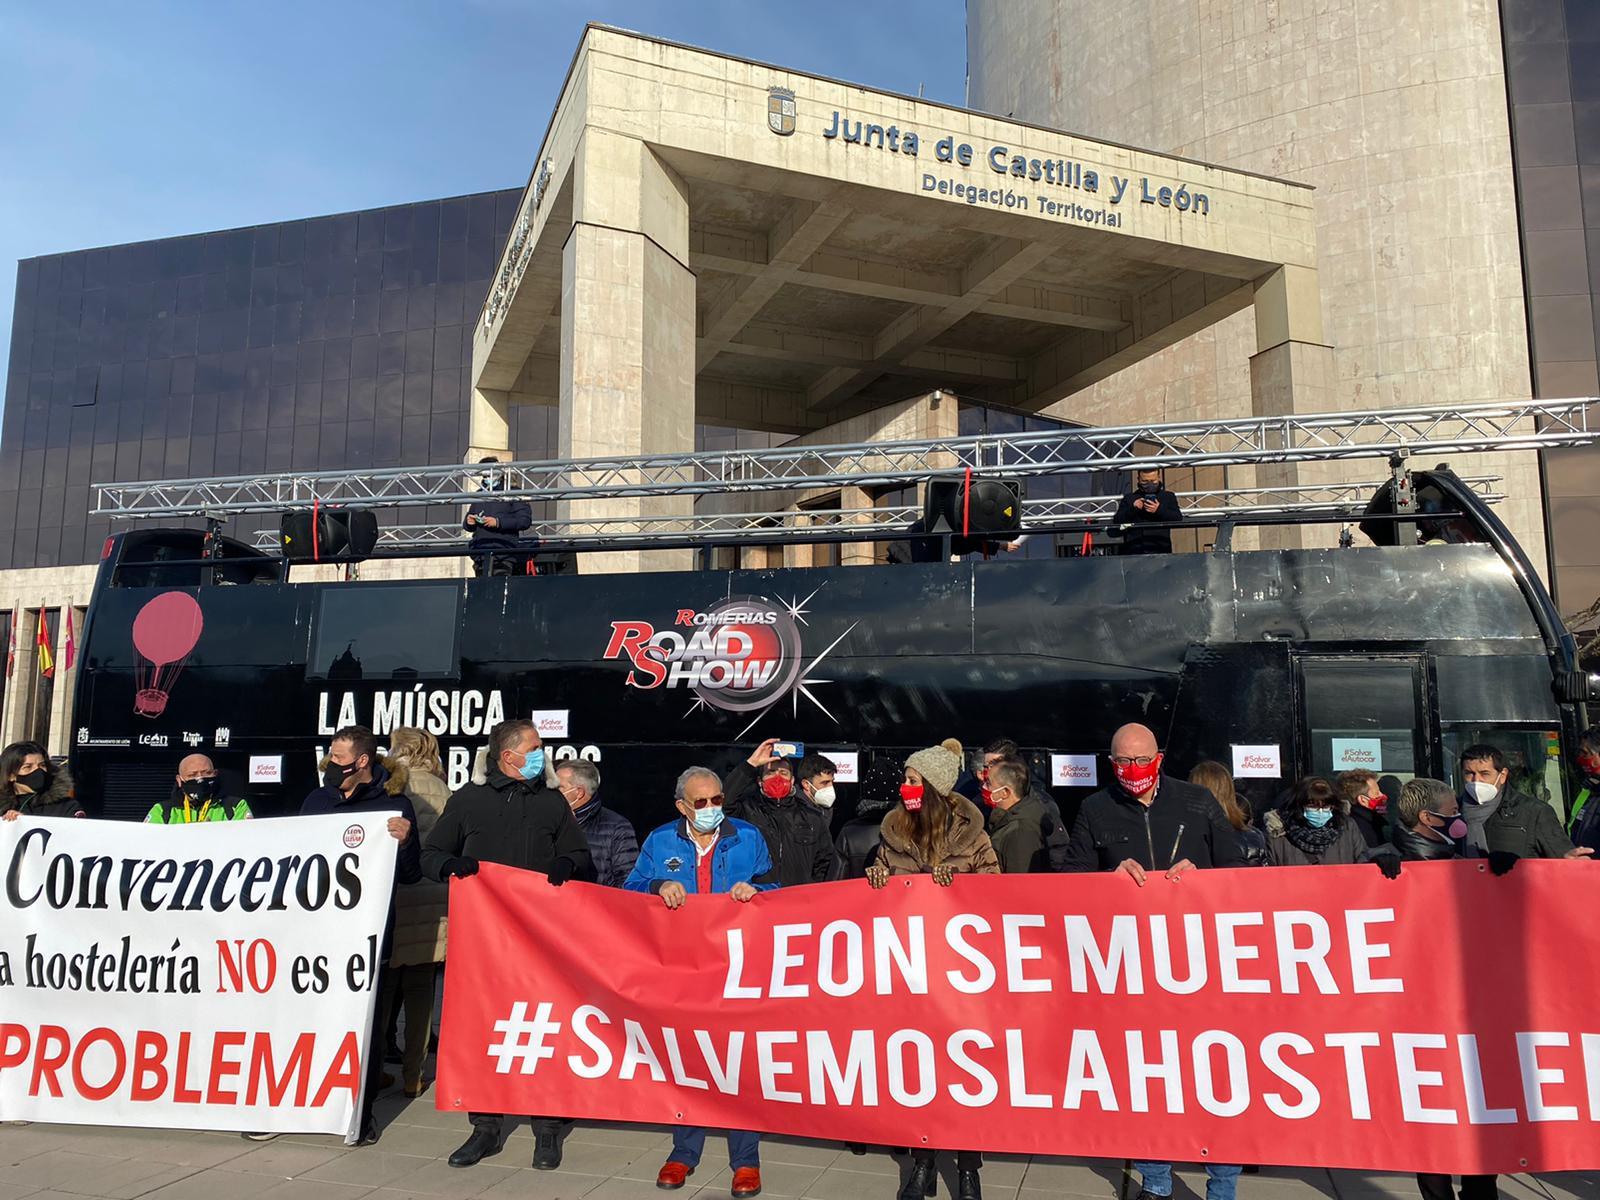 La hostelería de la provincia alza la voz ante la Junta de Castilla y León en la capital 1